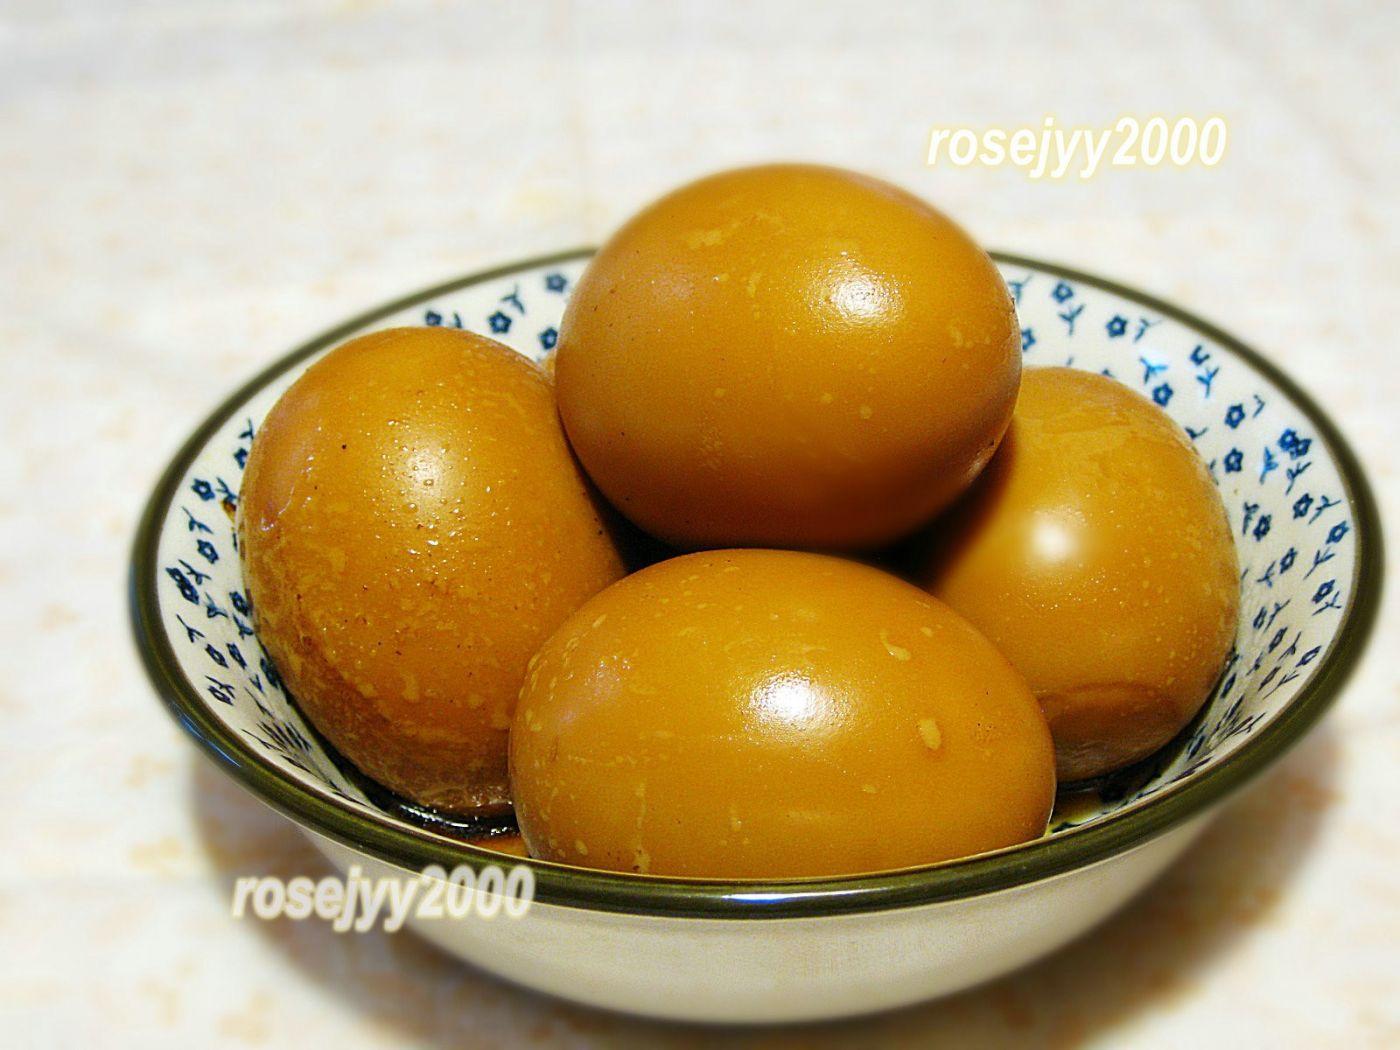 五杯卤鸡蛋_图1-1